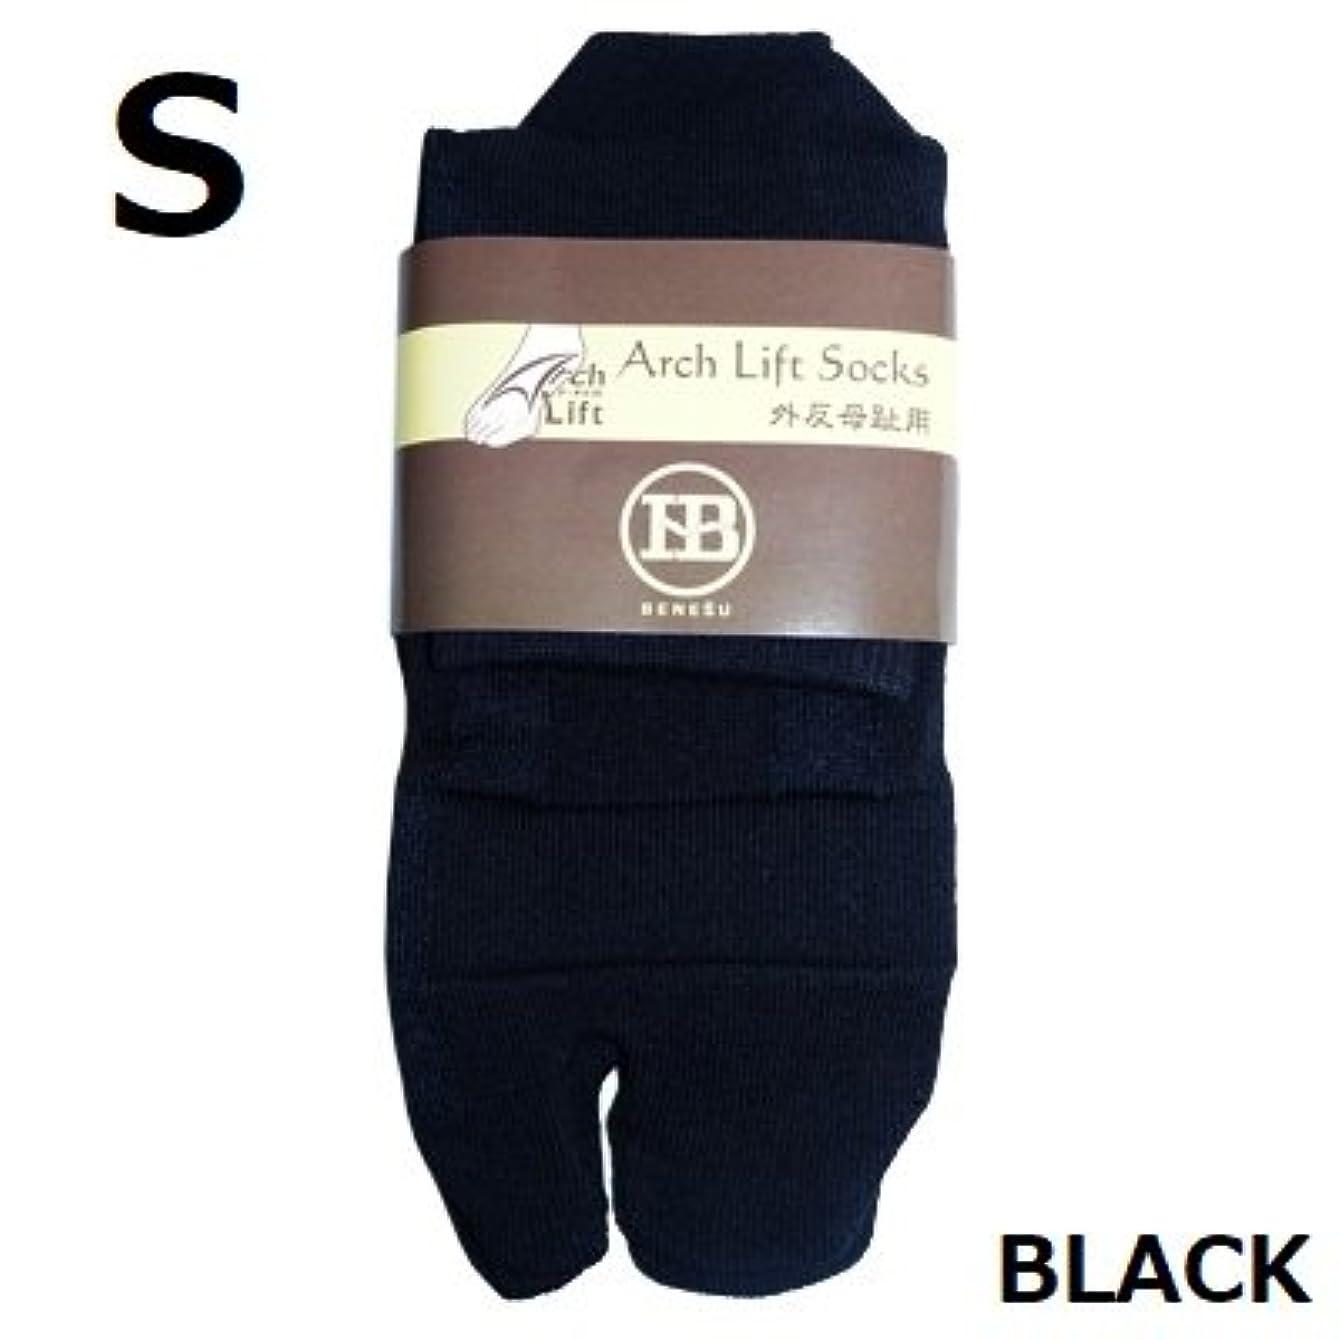 休日最大前置詞アーチライフソックス 外反母趾 テーピング加工靴下 サポーター(カラー:黒色)(サイズ:S)